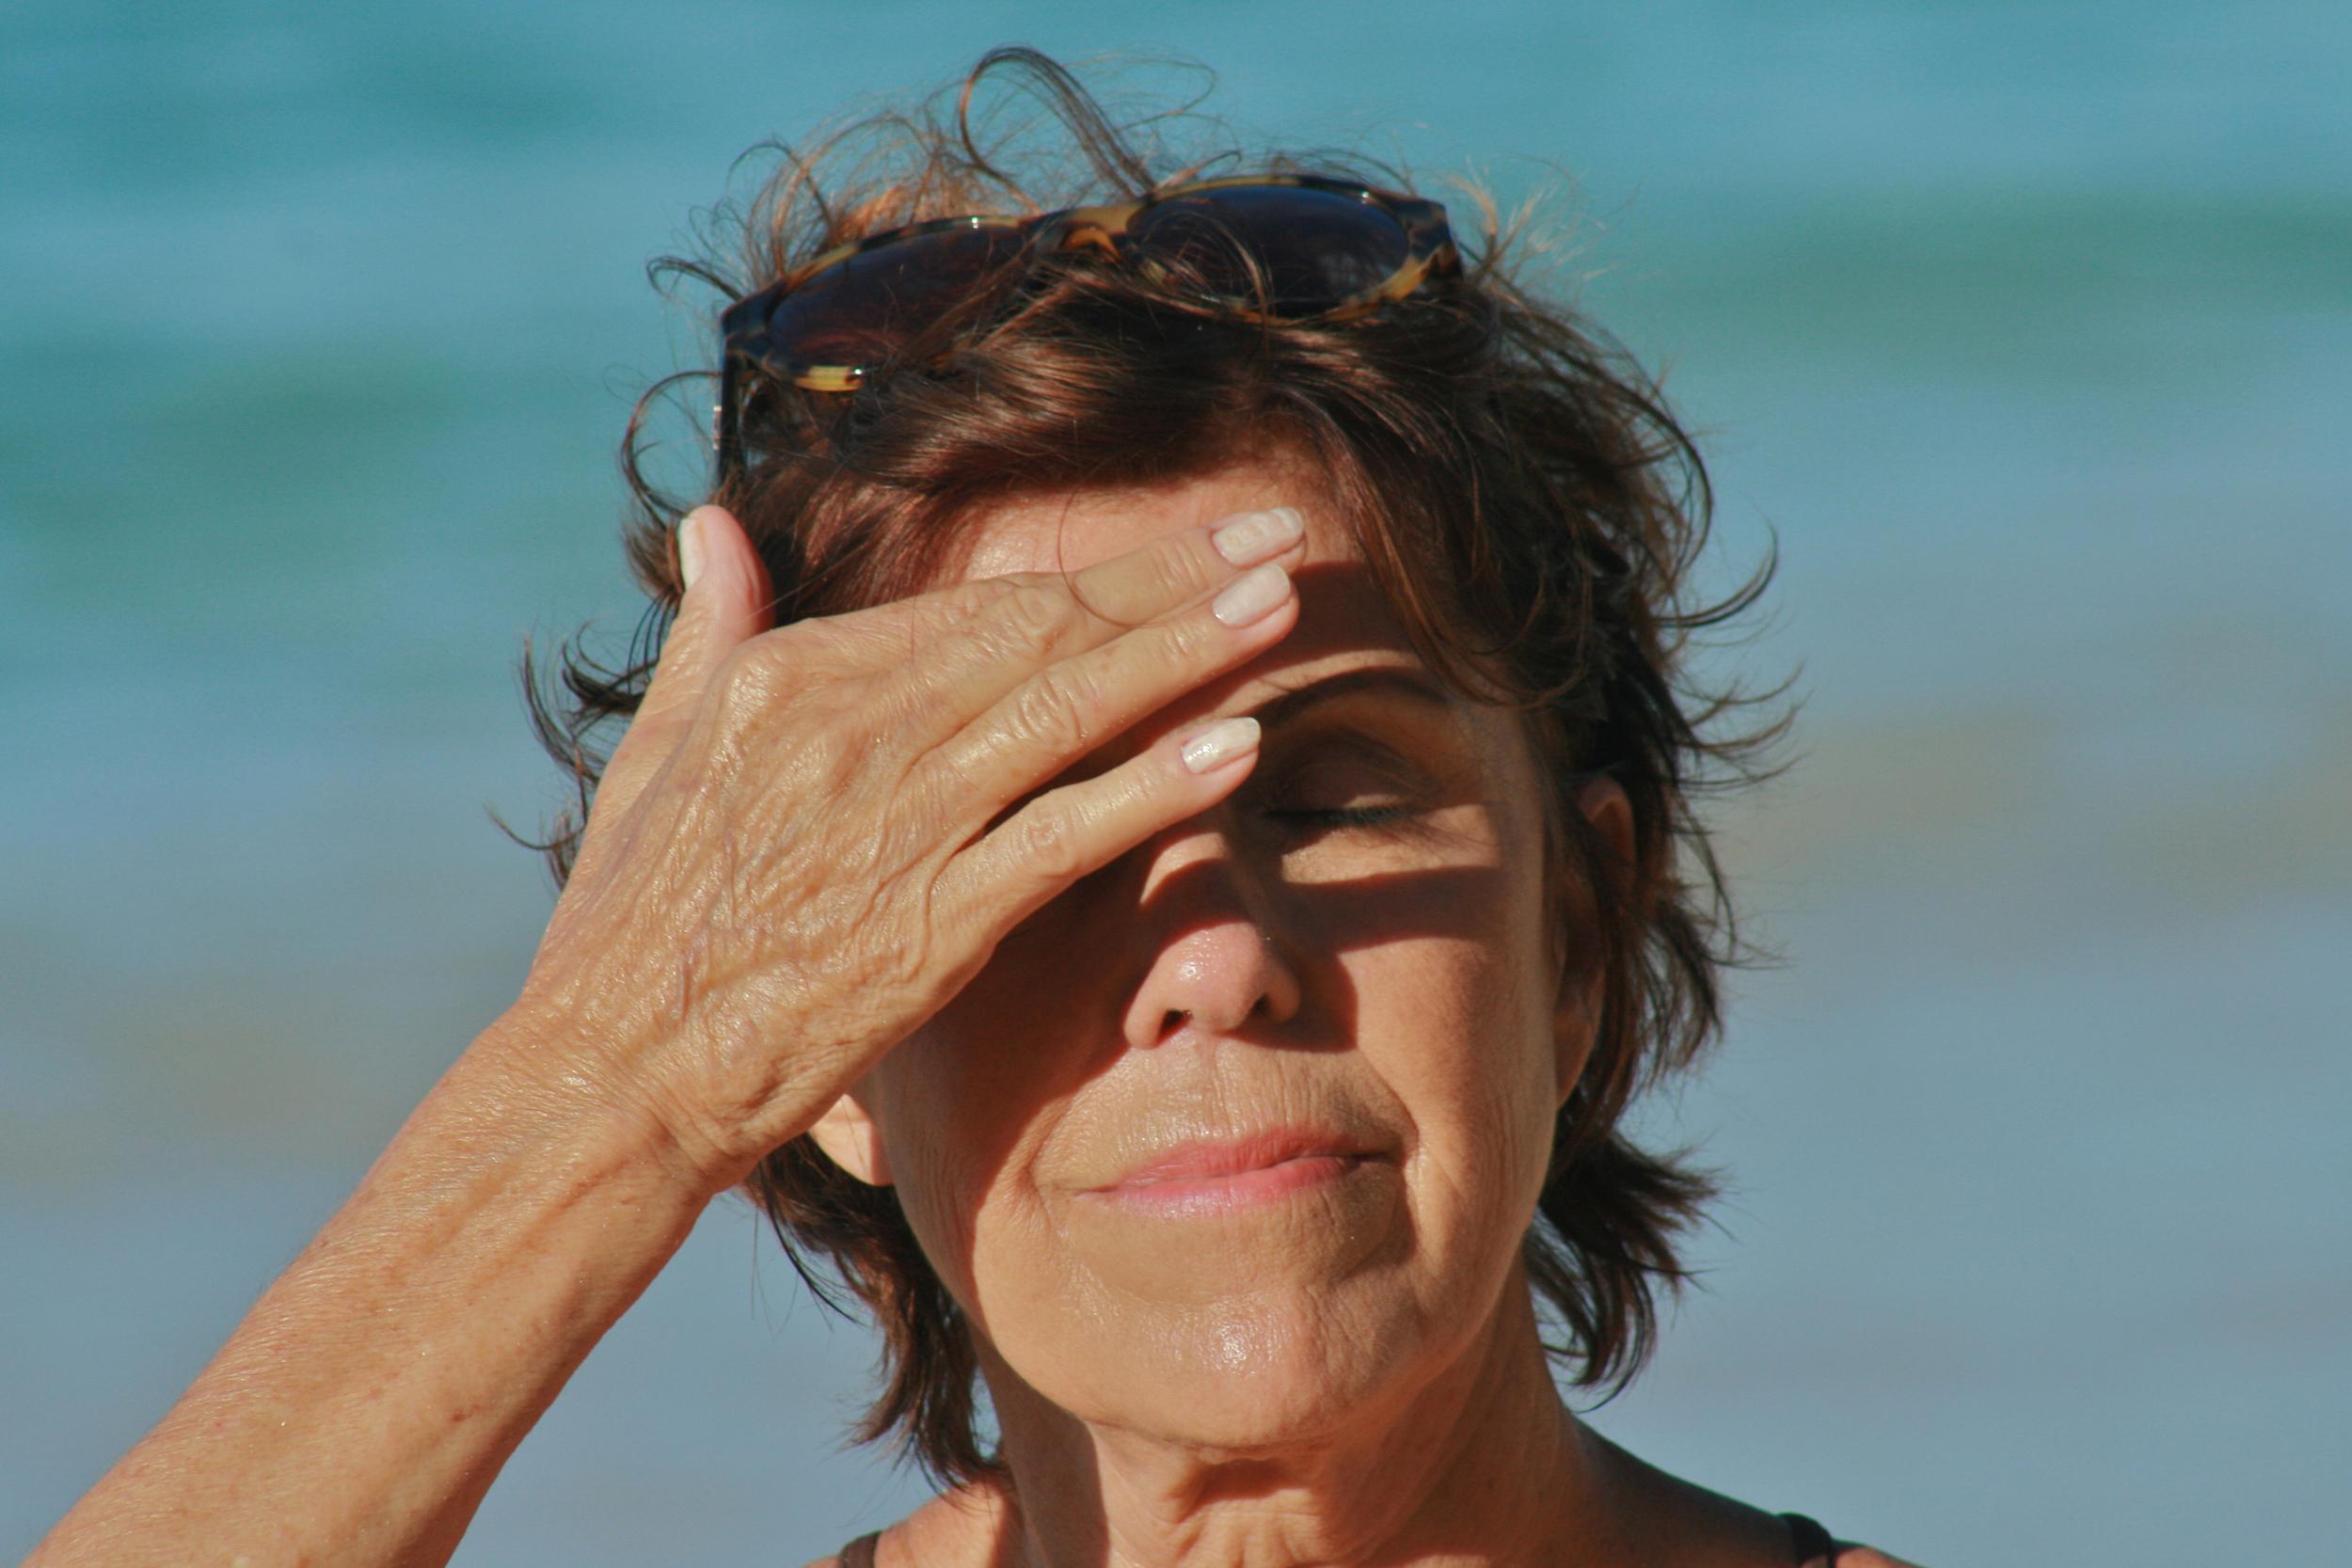 Susan Teton third eye